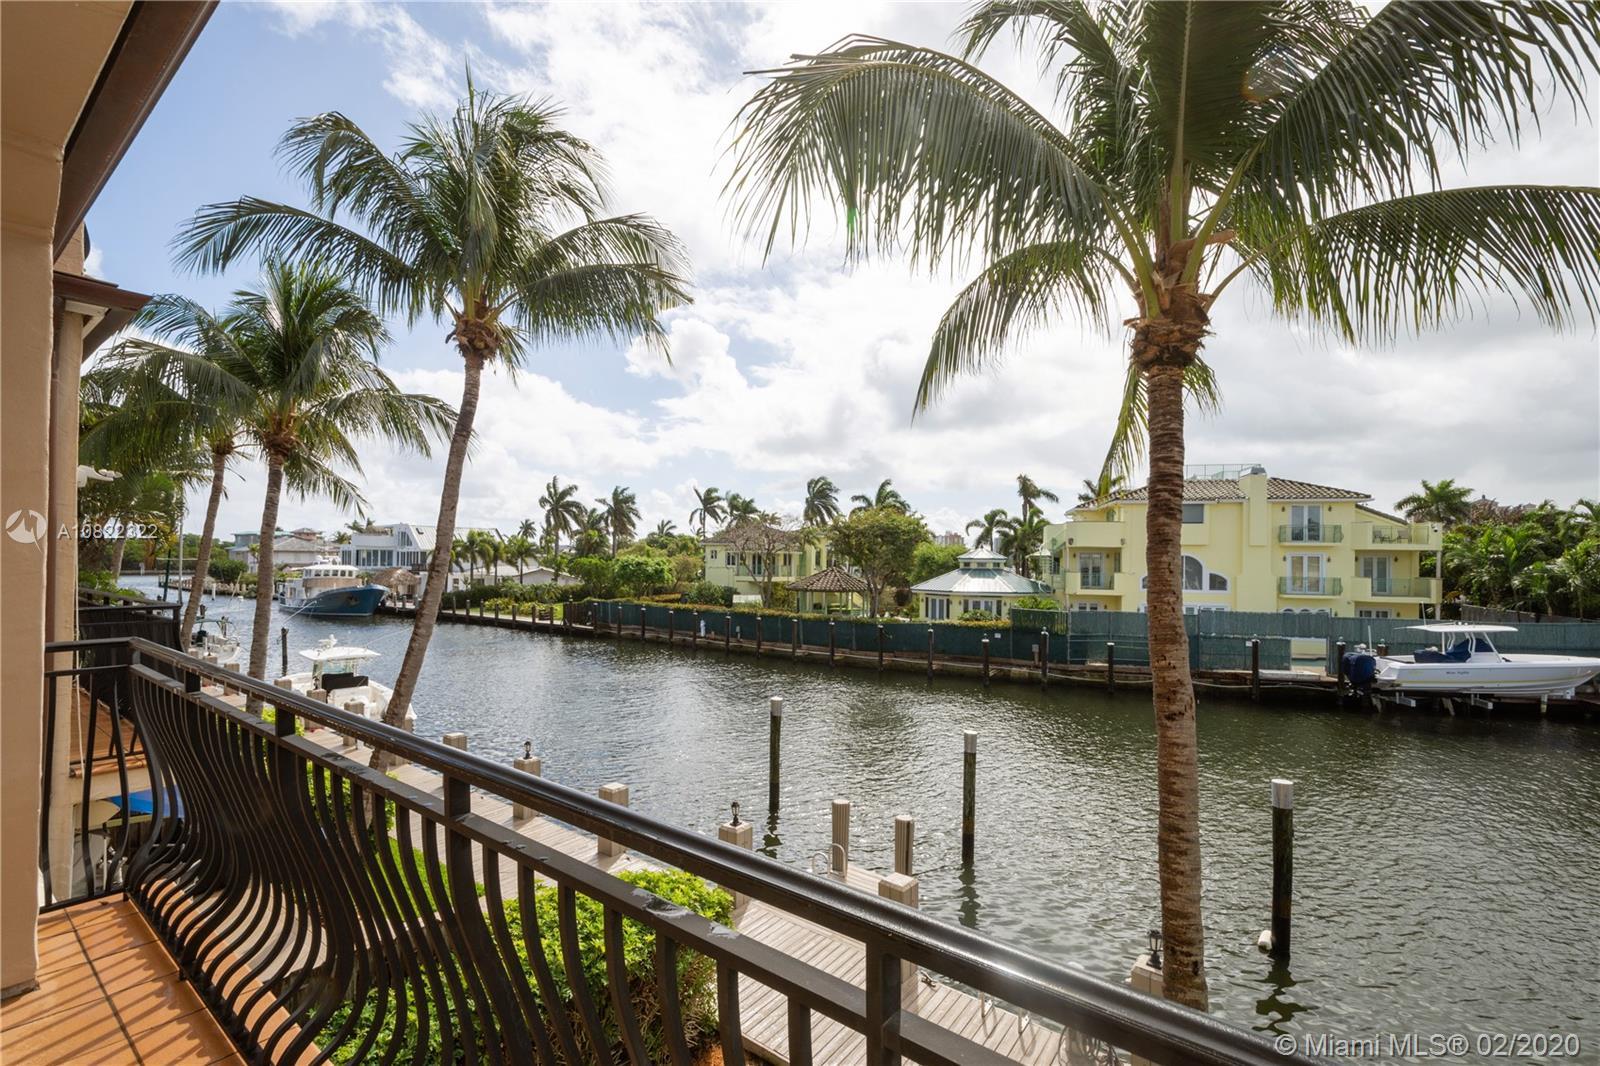 2738 NE 14th St, Fort Lauderdale, FL 33304 - Fort Lauderdale, FL real estate listing